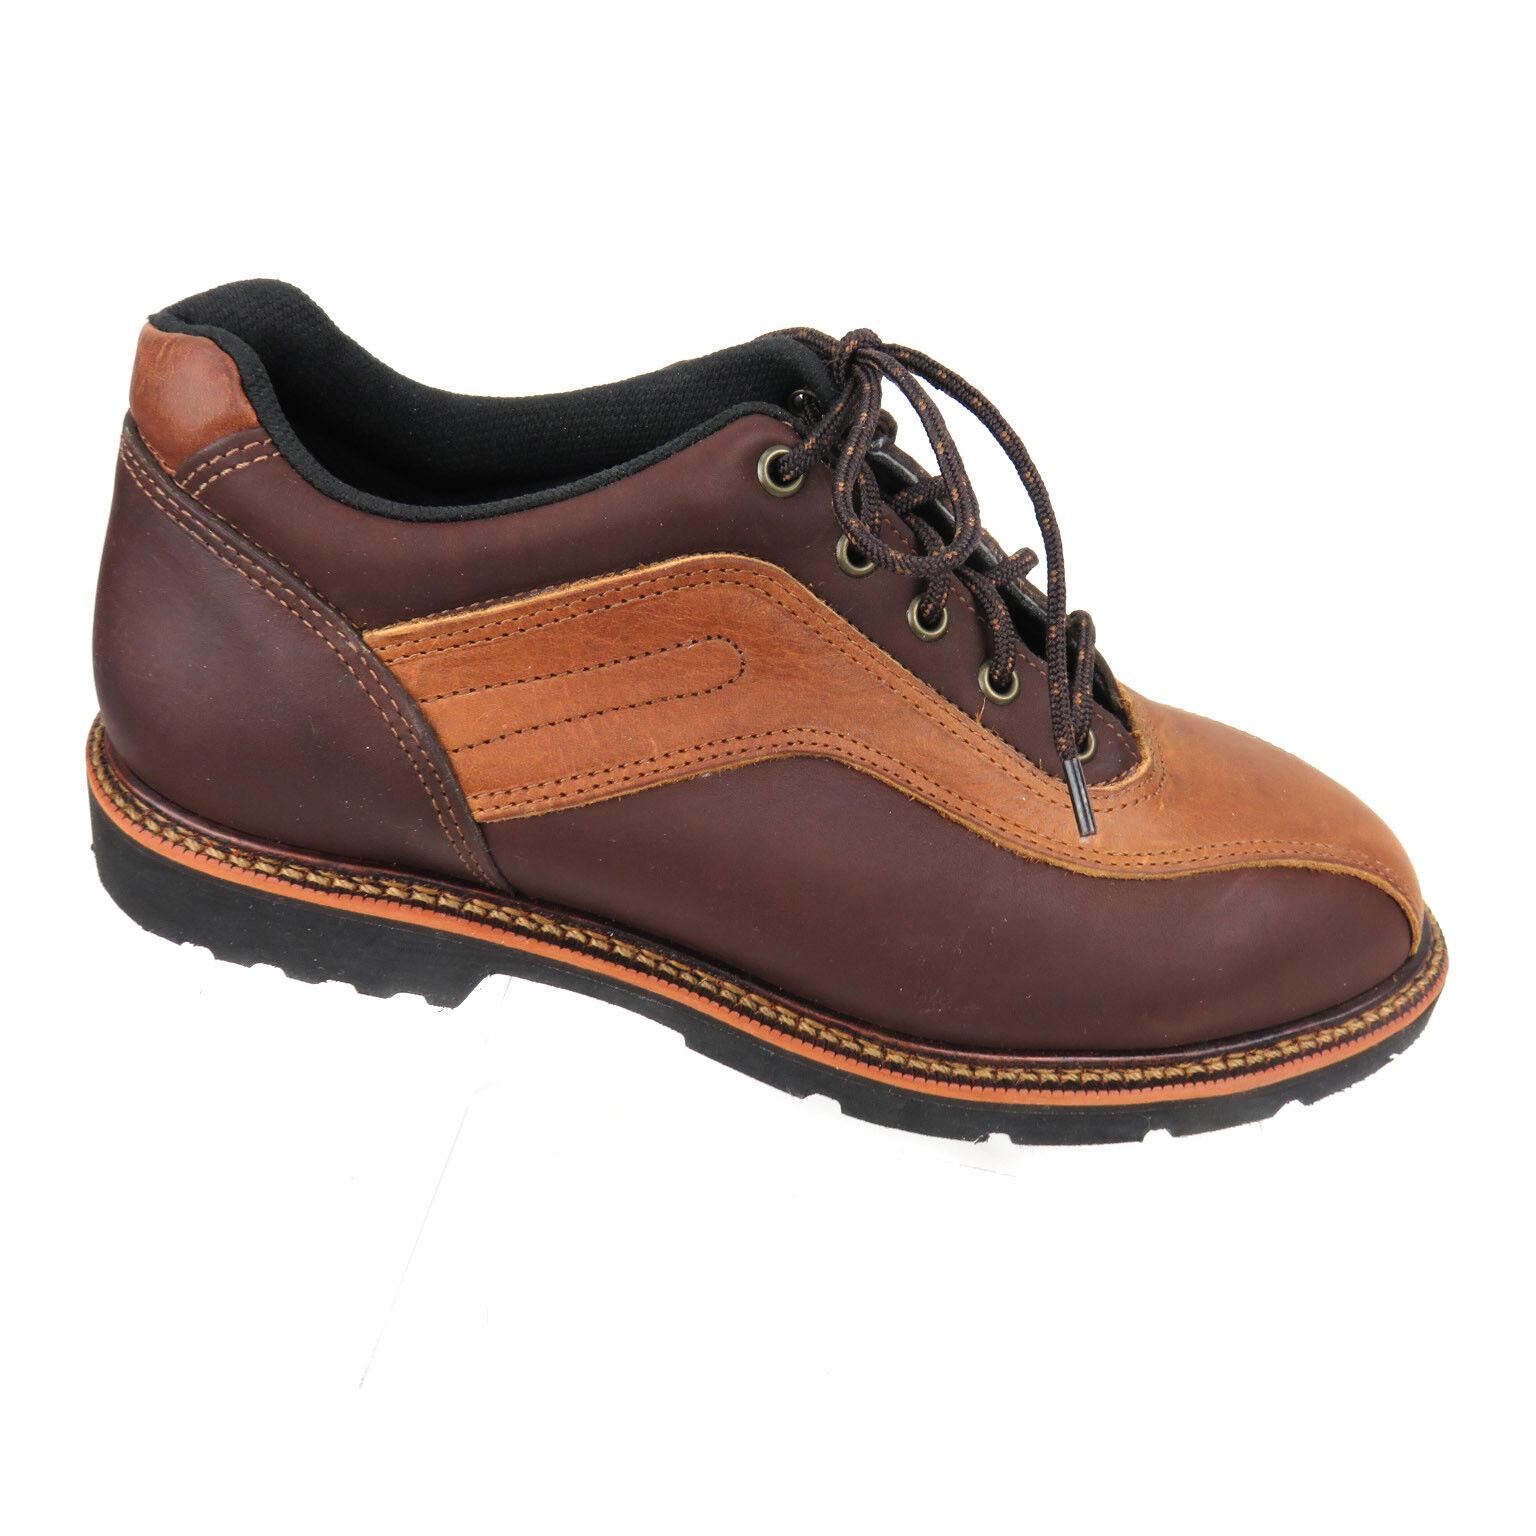 Thorogood Uomo Brown Sz 9.5 M Double Track Oxfords Brown Uomo Tan Oiled Leather 903e21